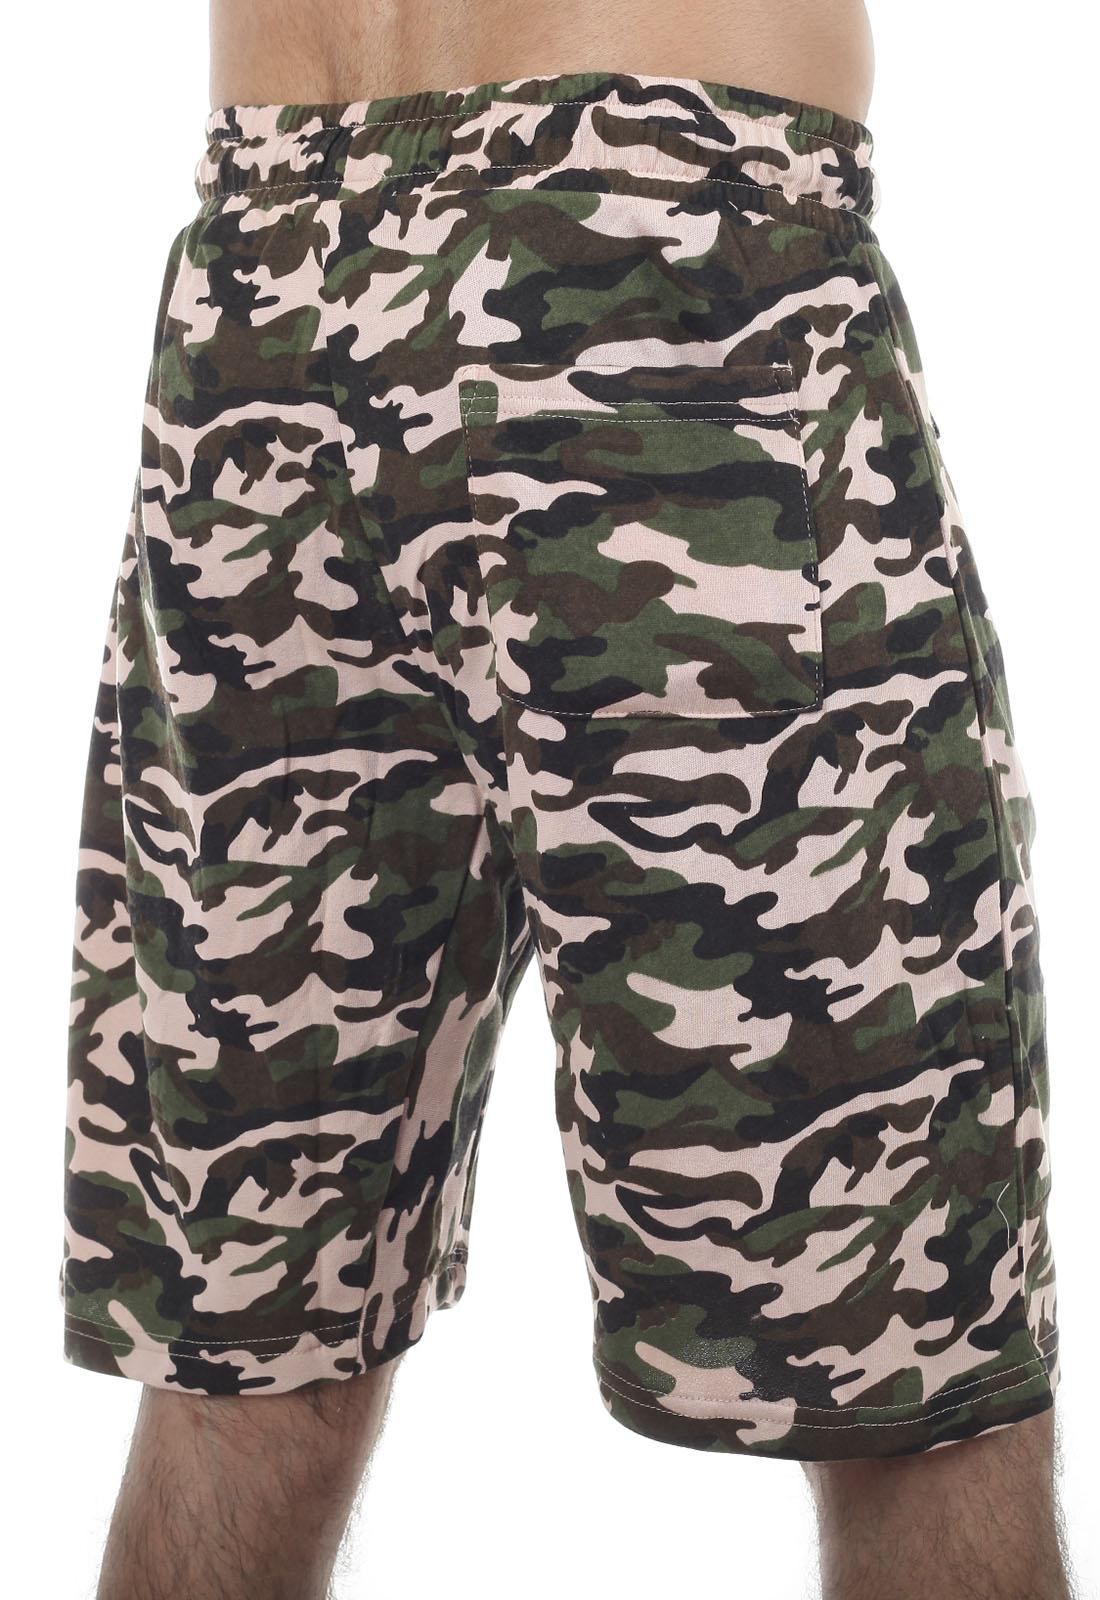 Мужские шорты с карманами оптом и в розницу – самые популярные модели среди мужчин!